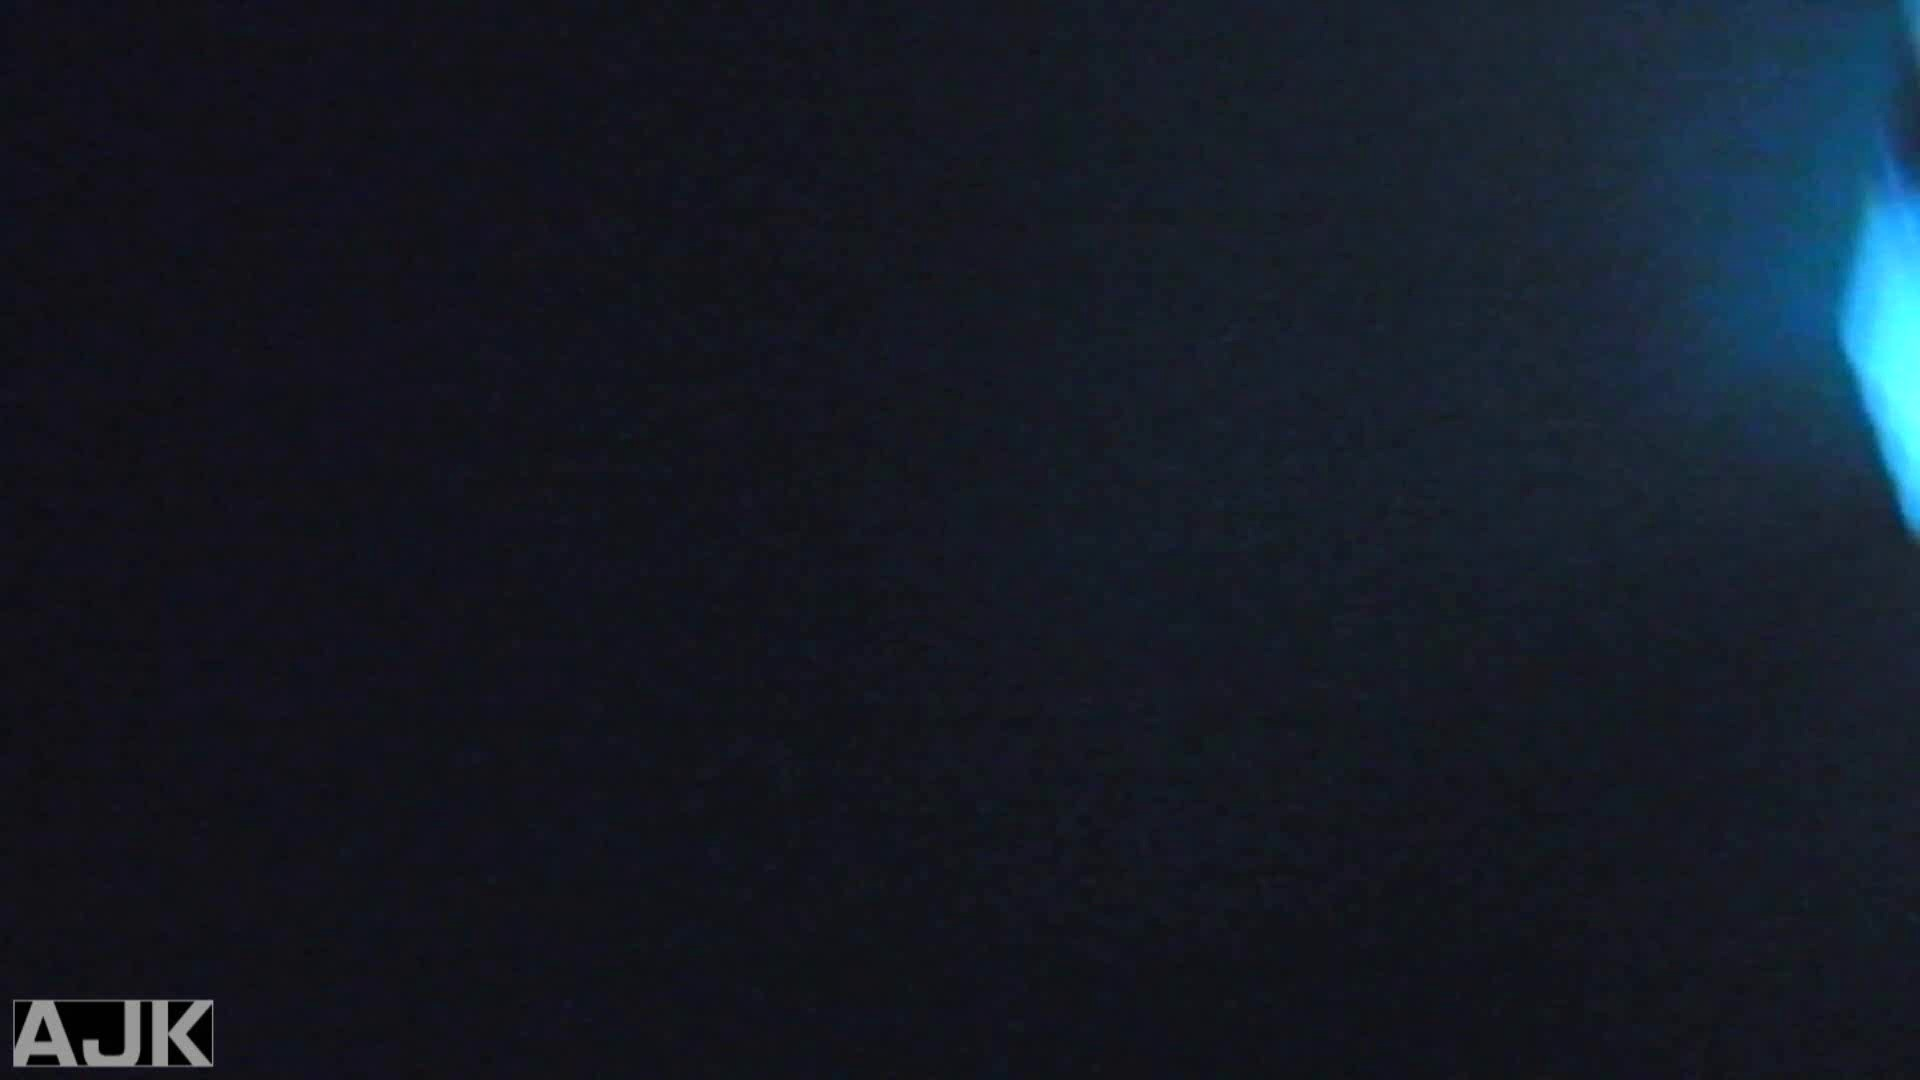 神降臨!史上最強の潜入かわや! vol.22 潜入  112PIX 18